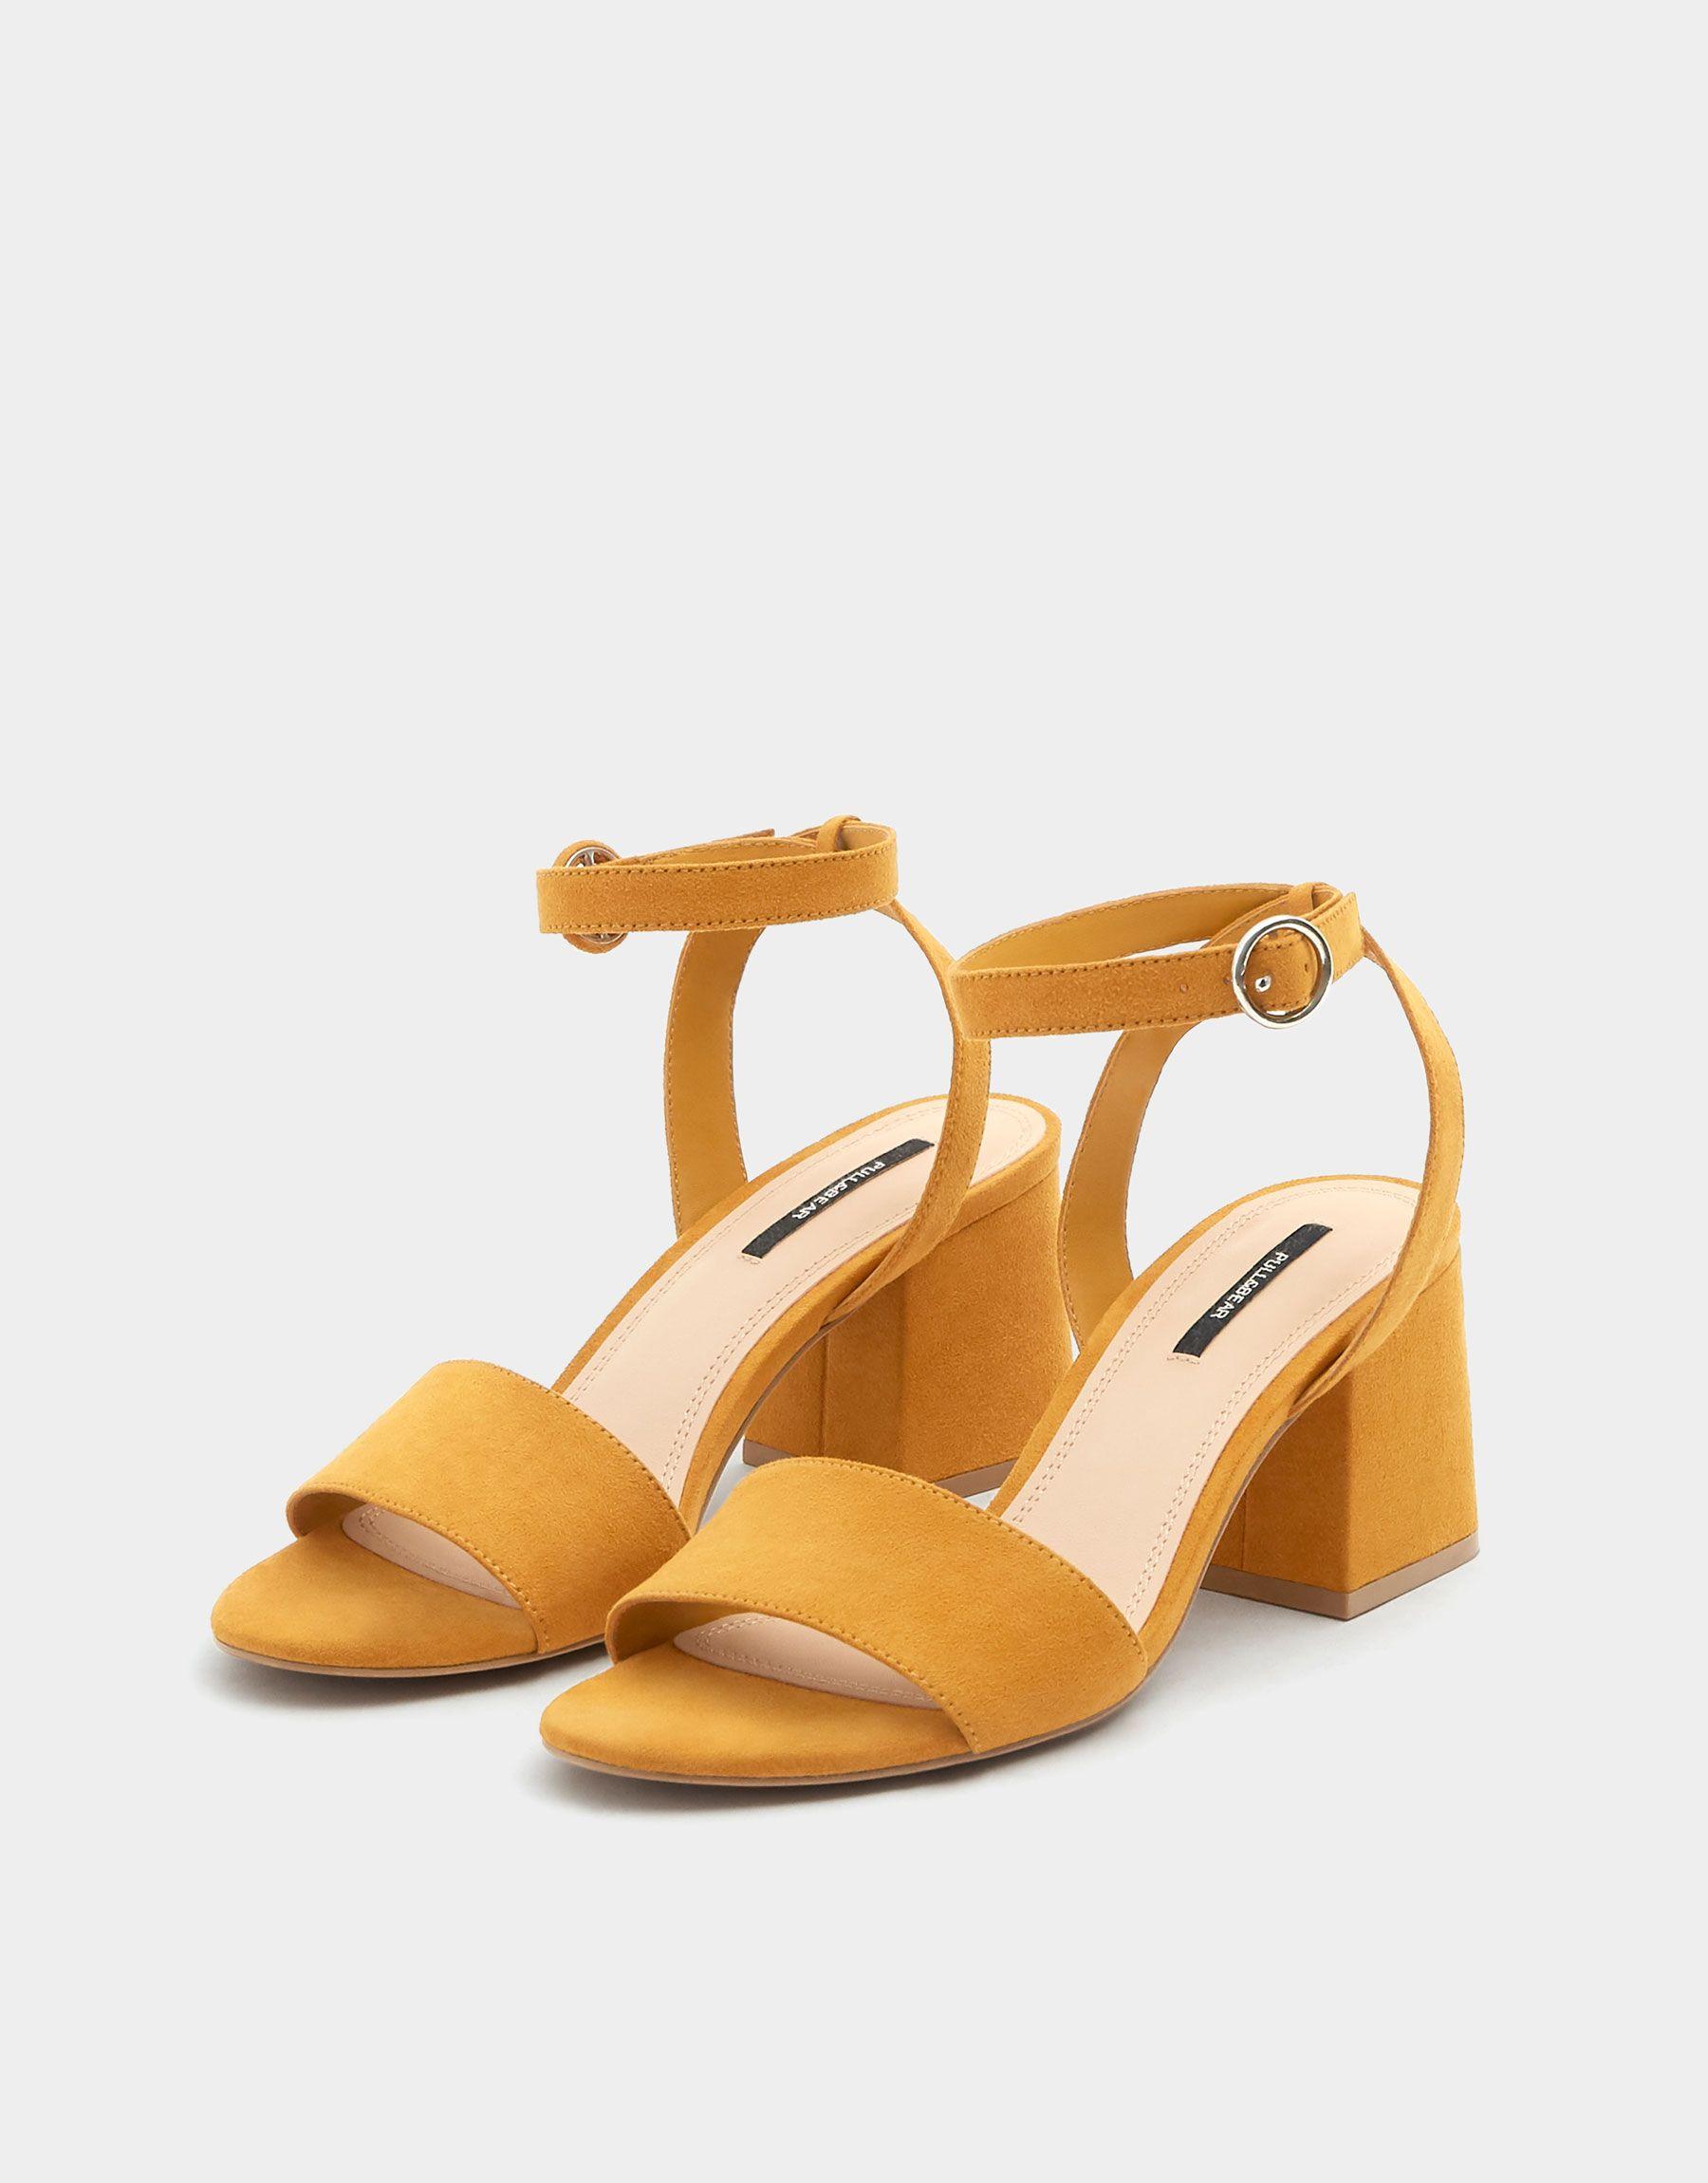 Sandales jaune moutarde à talon midi bride cheville - Nouveautés - Femme -  PULL&BEAR France